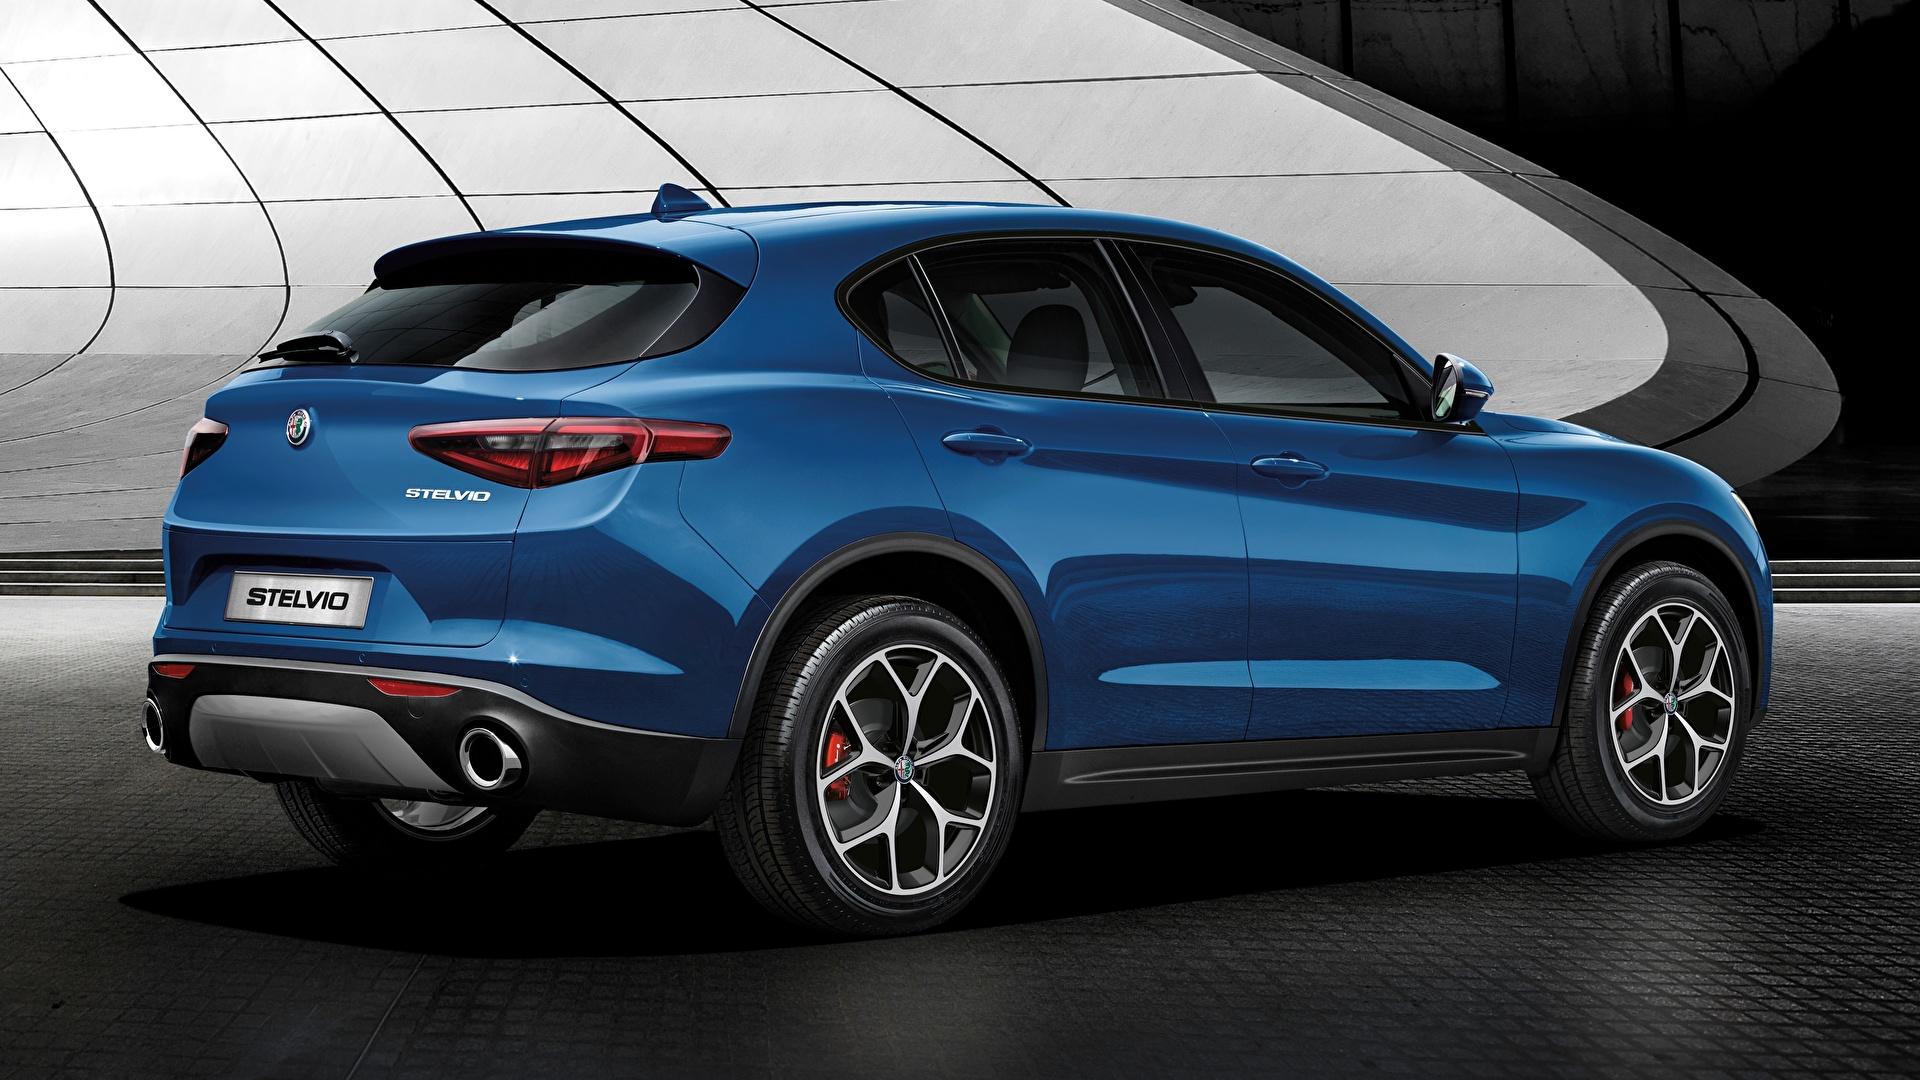 Картинка Альфа ромео CUV Stelvio, Sport, 2018 синих Автомобили 1920x1080 Alfa Romeo Кроссовер синяя синие Синий авто машины машина автомобиль